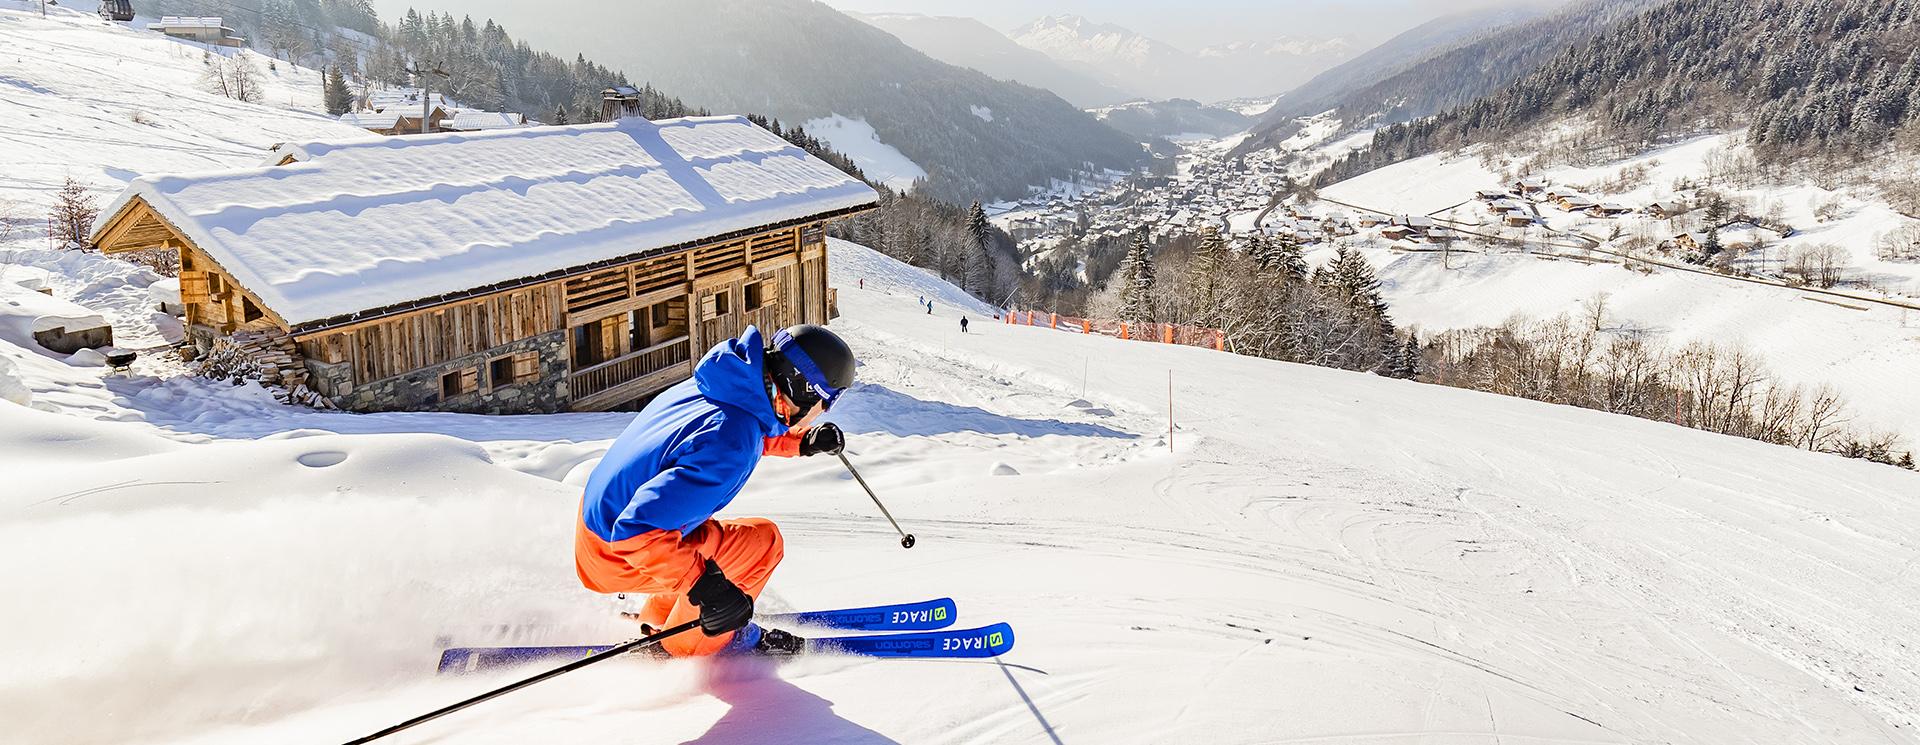 ski-h2019-ot-le-grand-bornand-alpcat-medias-34i8438-201908